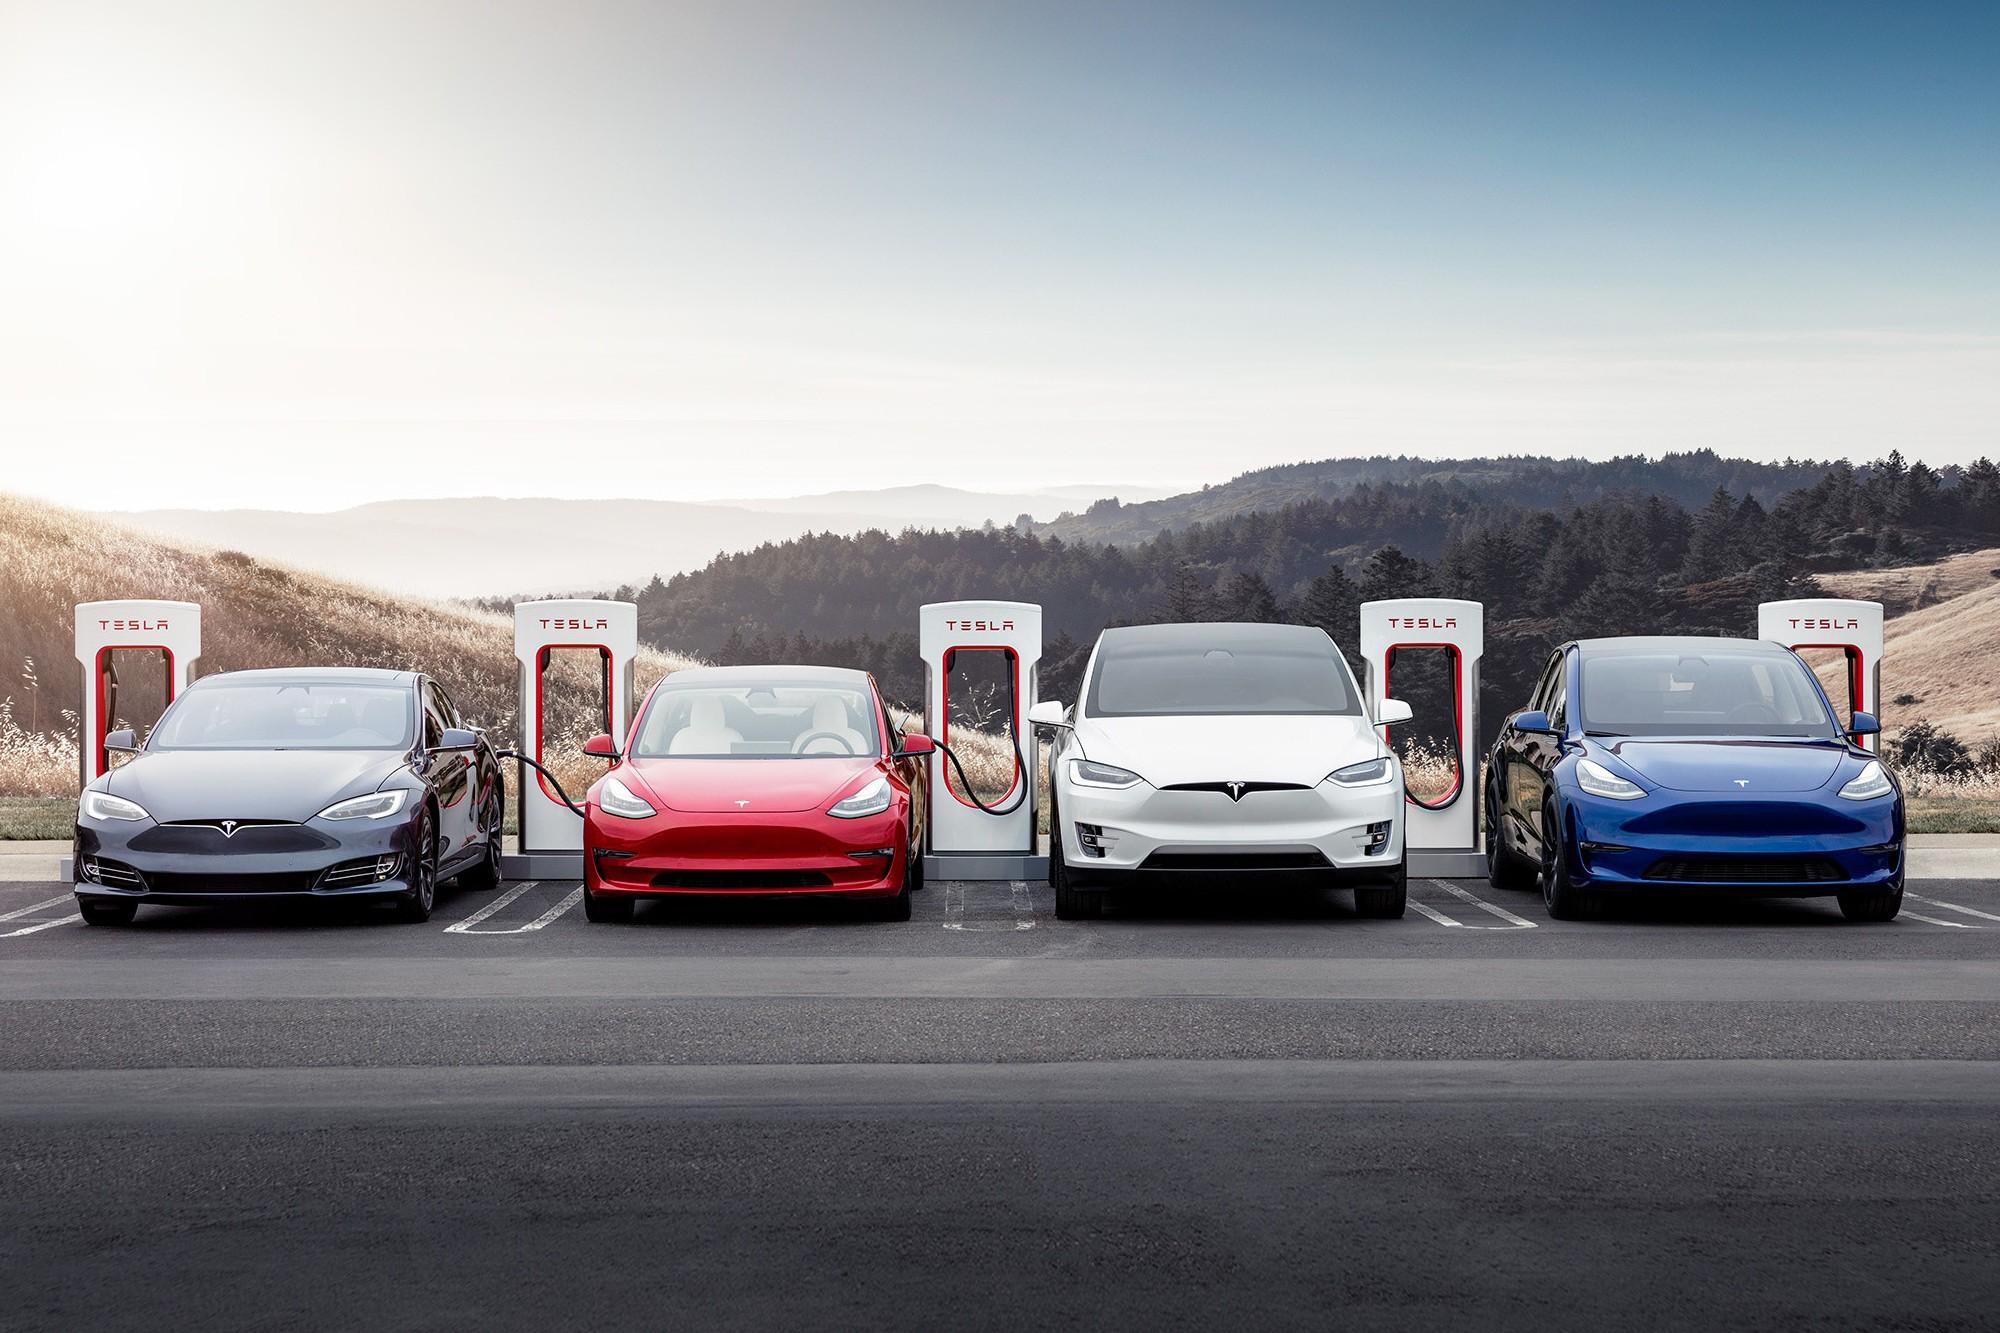 Илон Маск объяснил, почему автомобили Tesla дорожают — из-за «ценового давления в цепочке поставок» (в особенности полупроводников) - ITC.ua